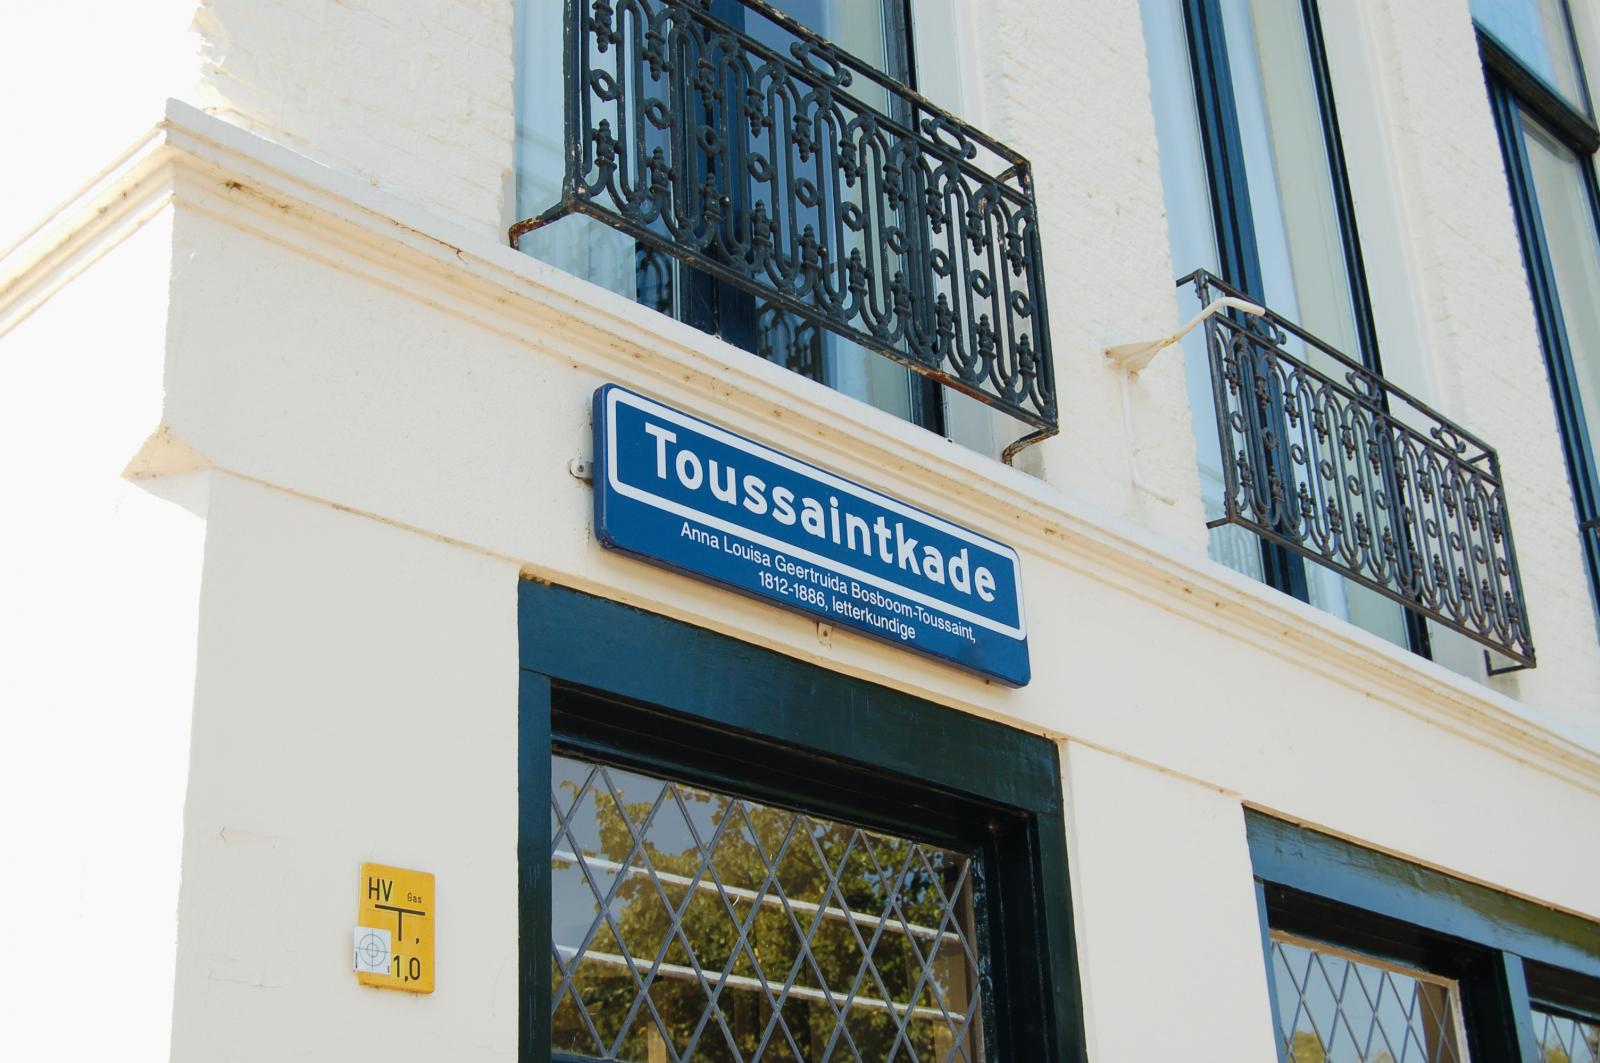 Toussaintkade 4